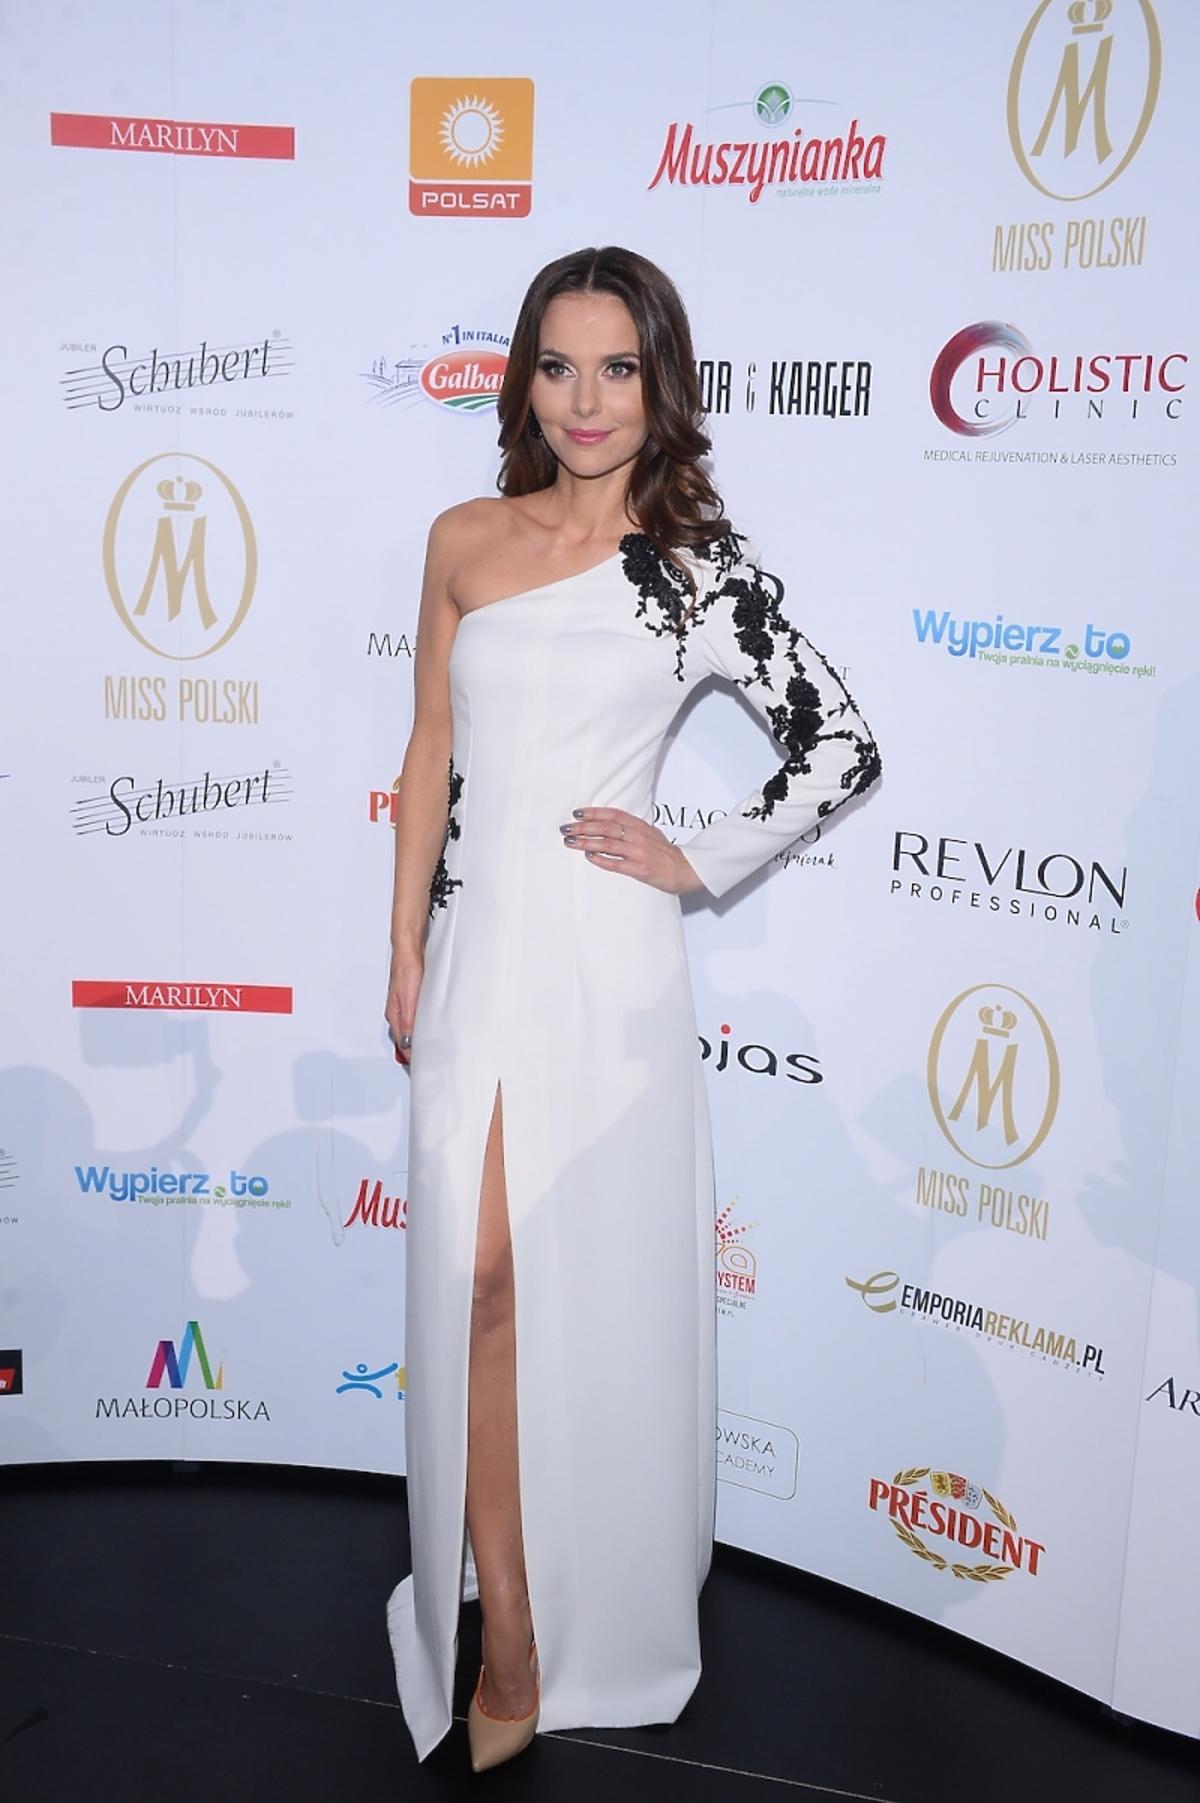 Paulina Sykut w białej długiej sukni ozdobionej czarną koronką na ramieniu